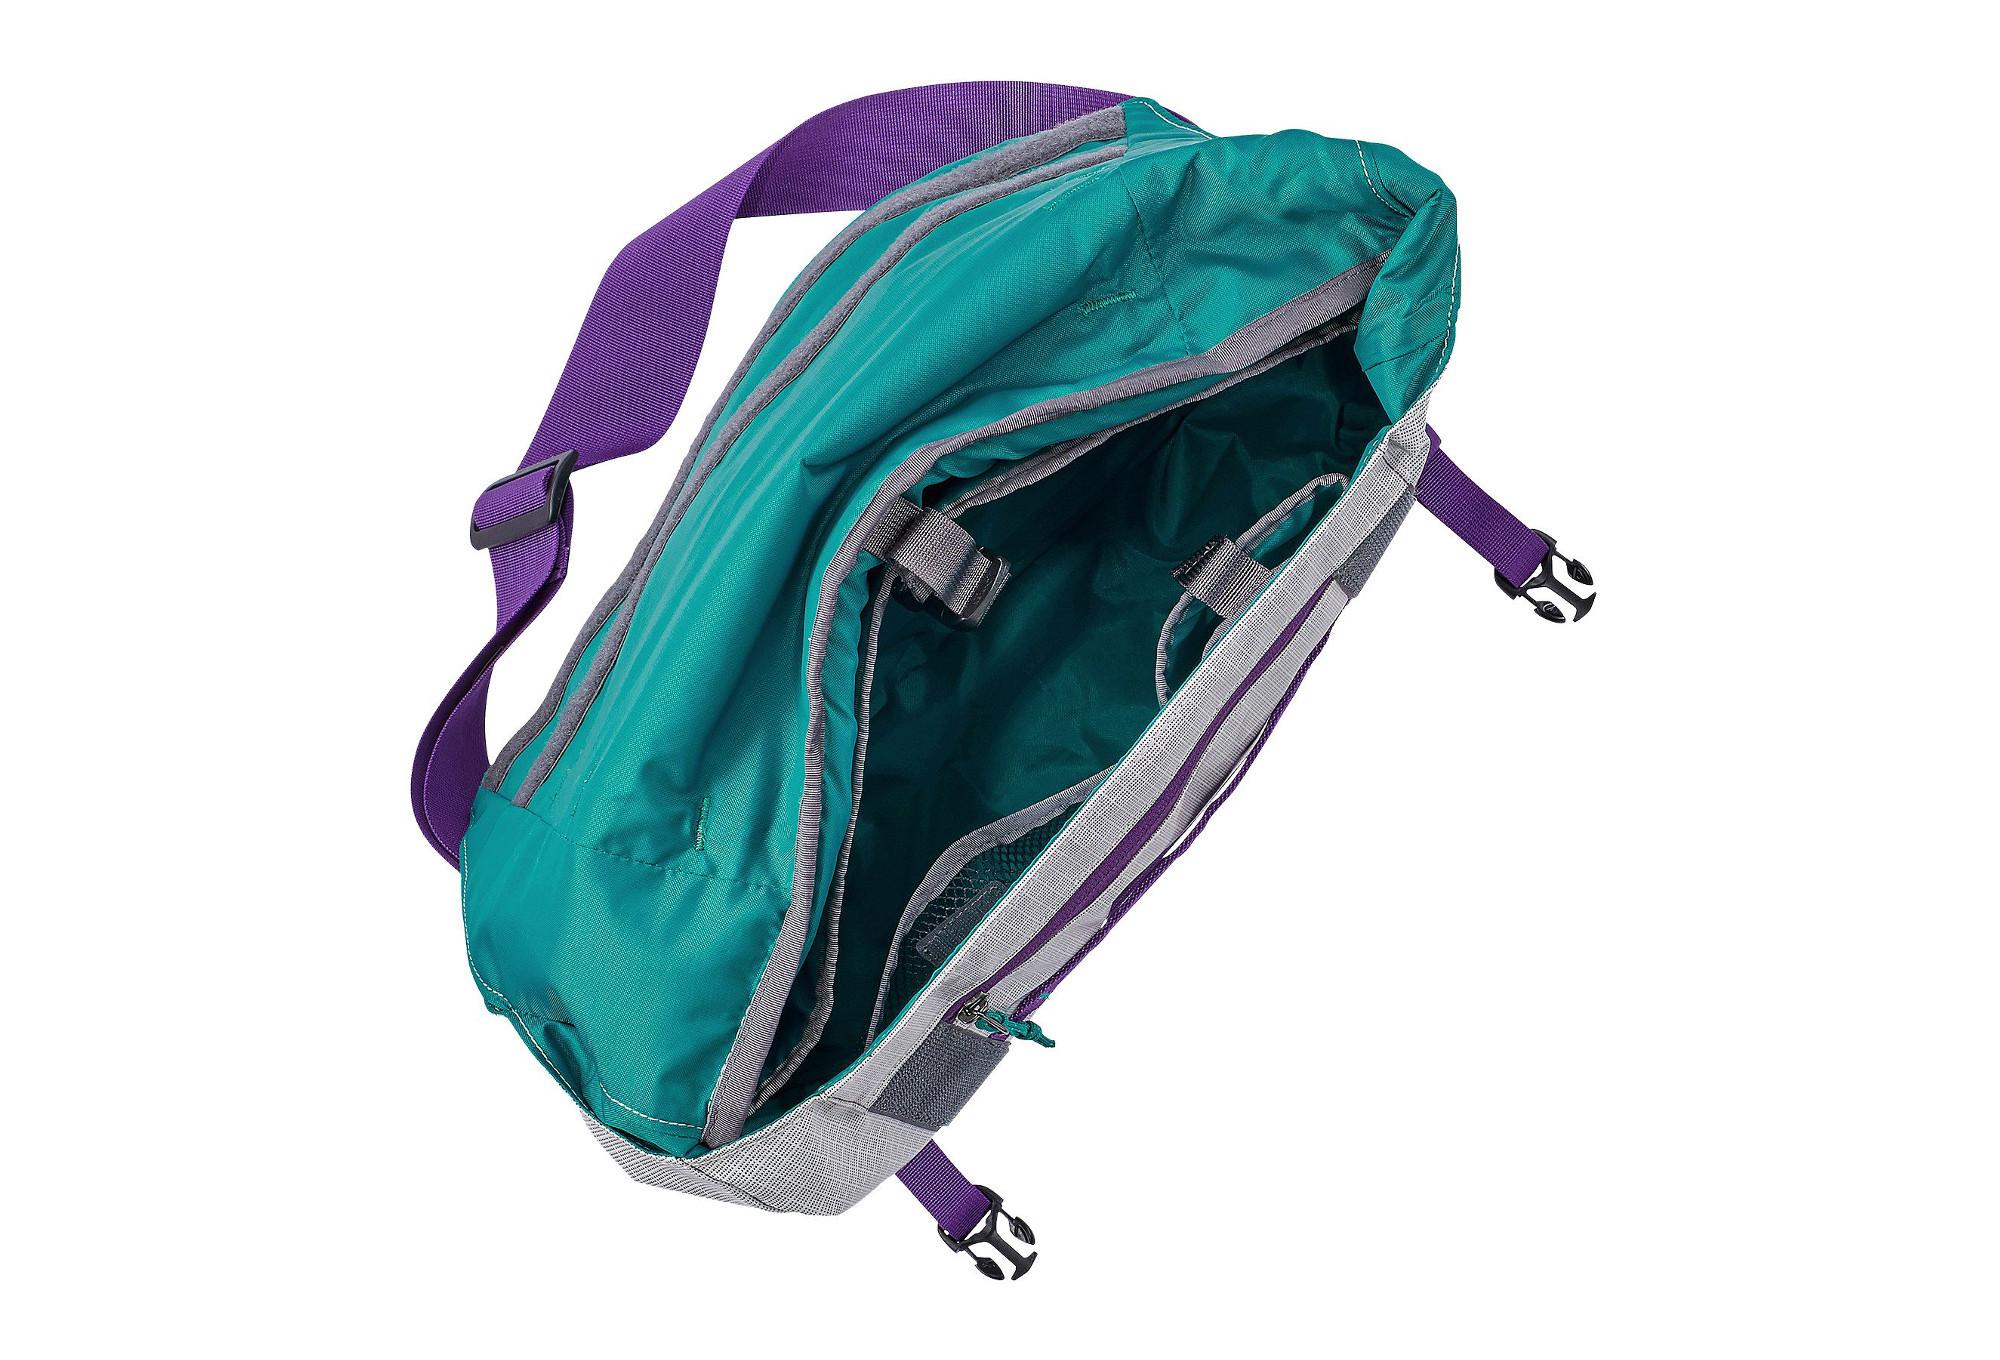 patagonia mini messenger bag review